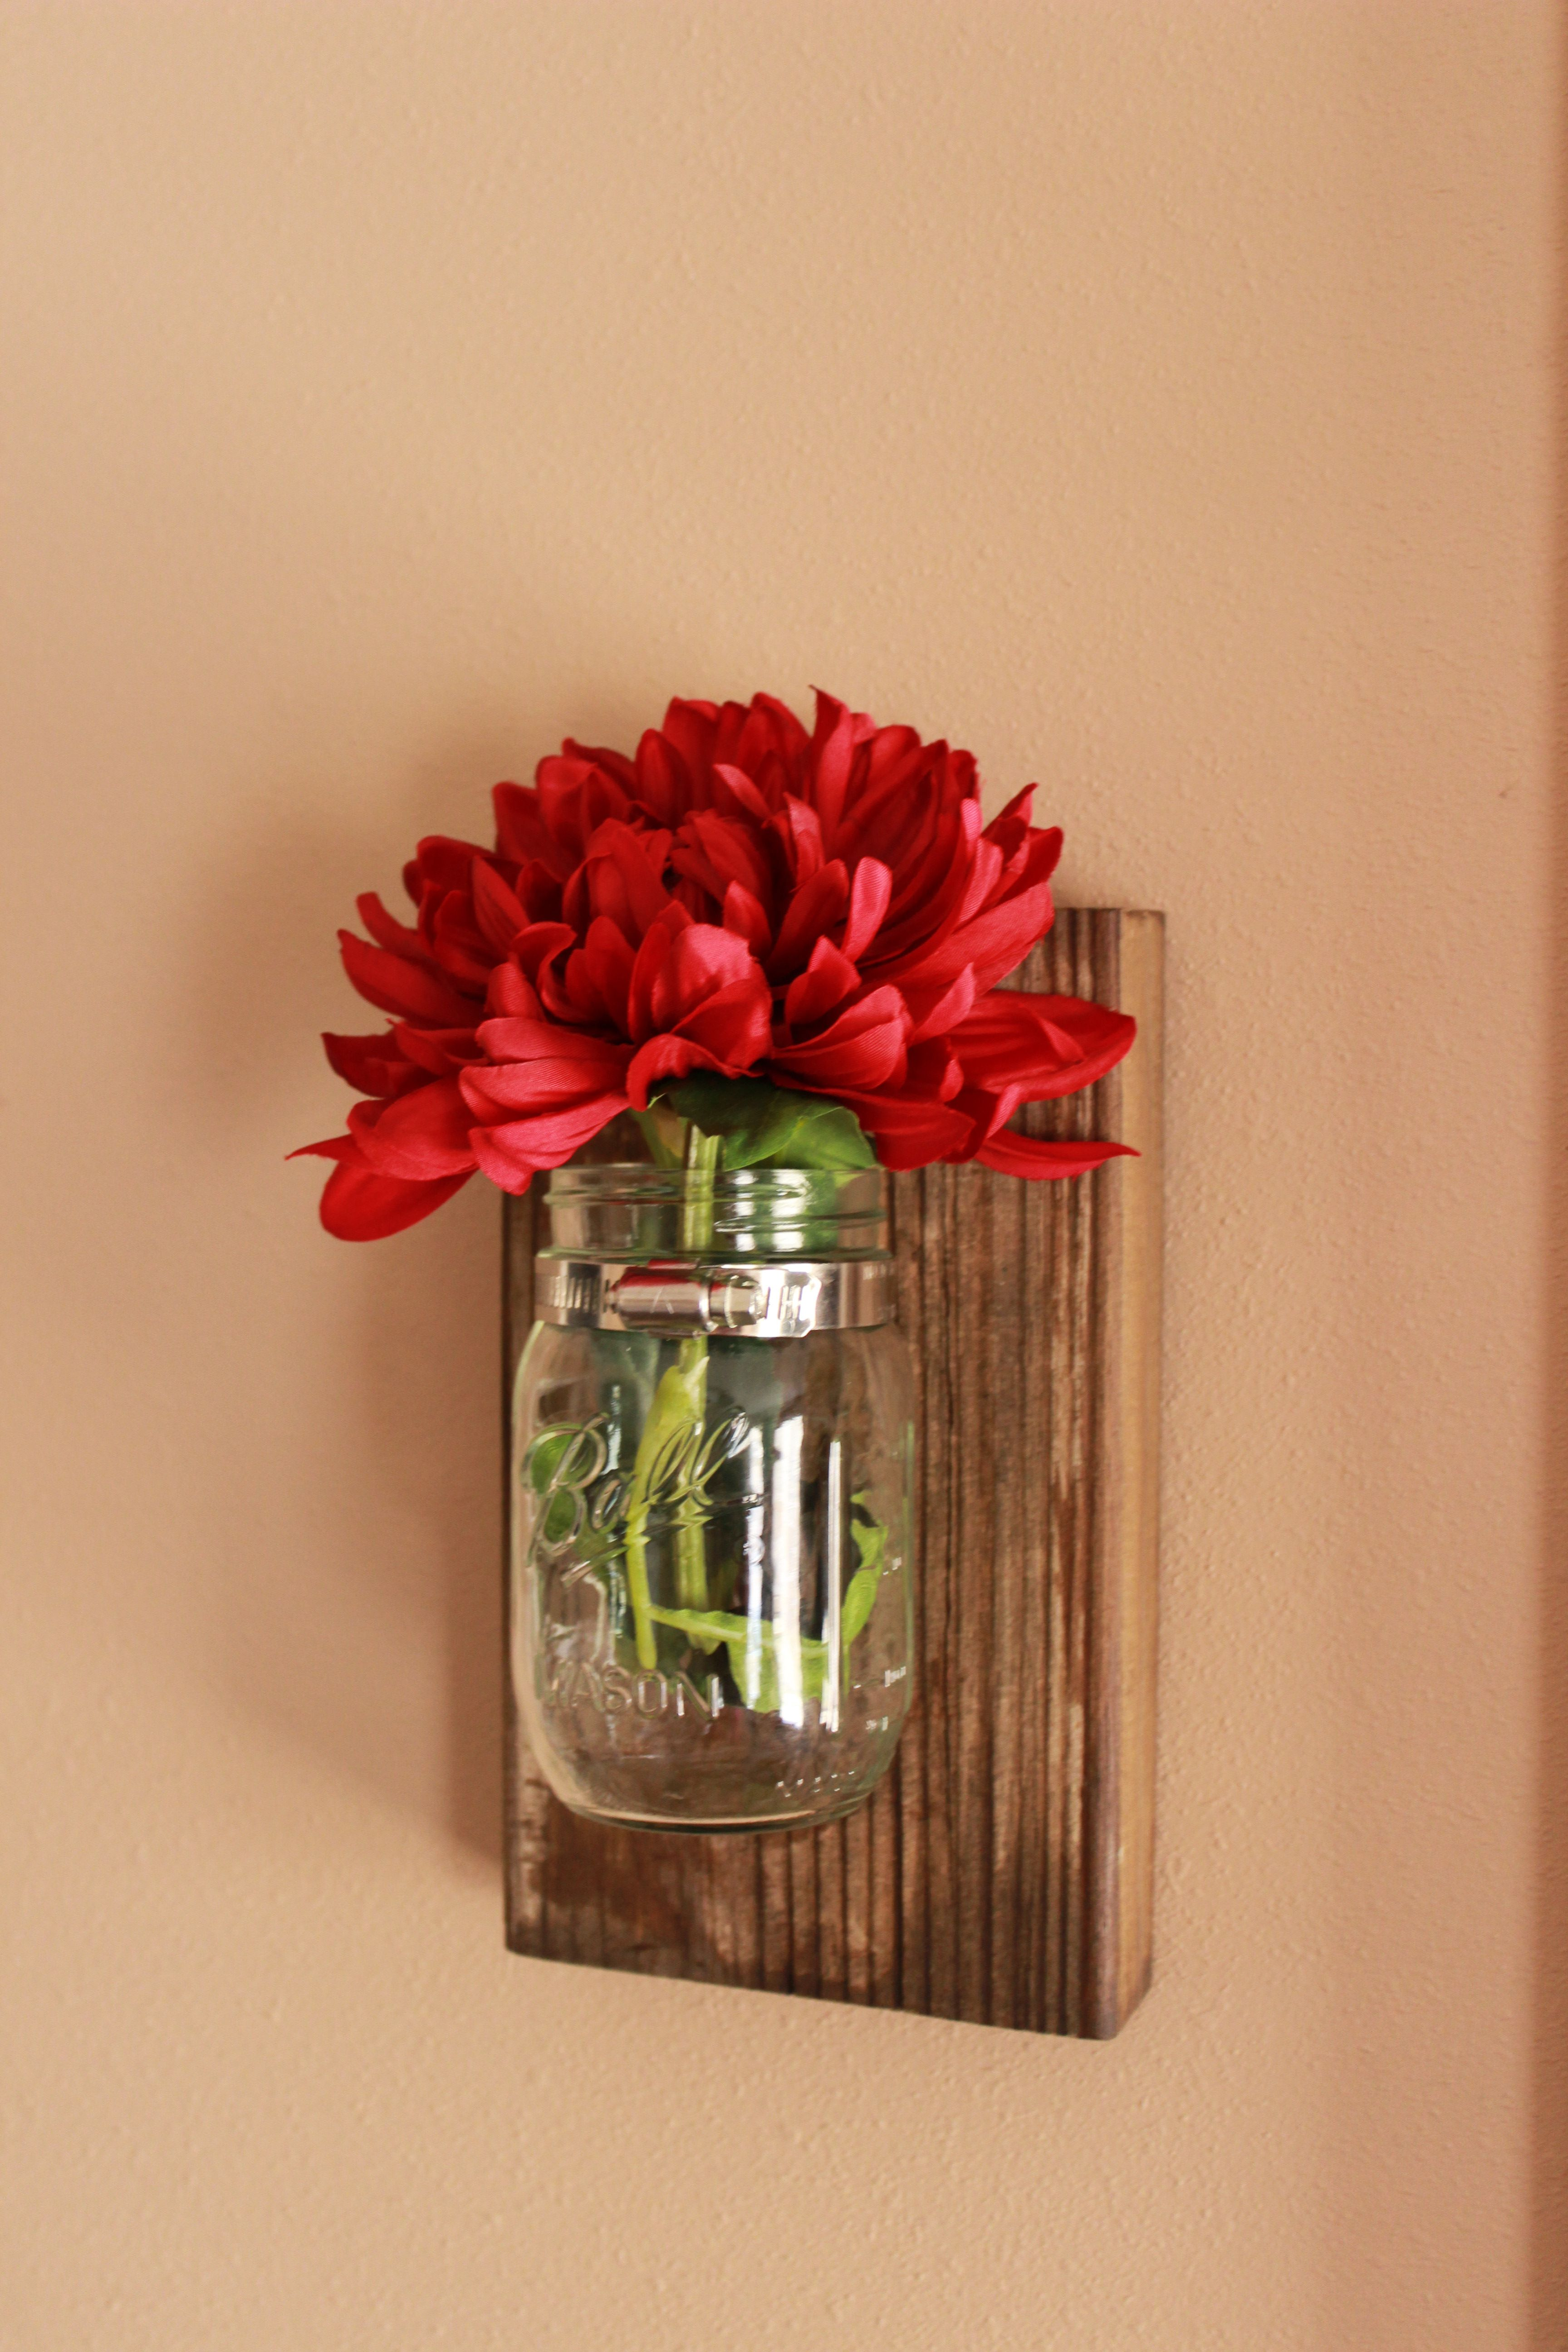 Badezimmer einmachglas ideen diy mason jar wall decor  wohnung  pinterest  basteln deko und ideen